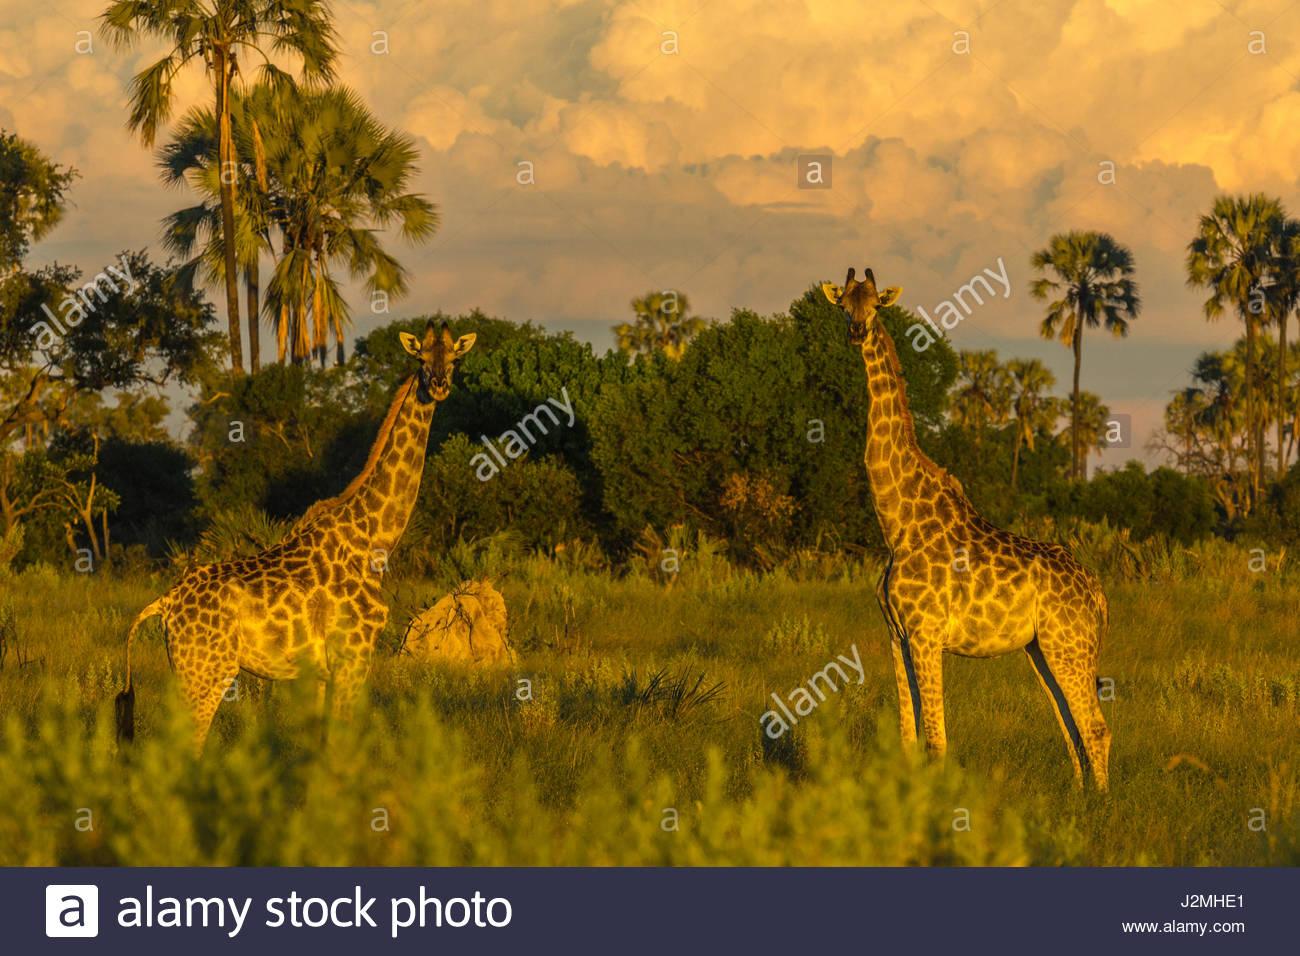 Une paire de girafe dans le soleil du soir comme les nuages se rassembler derrière eux. Photo Stock